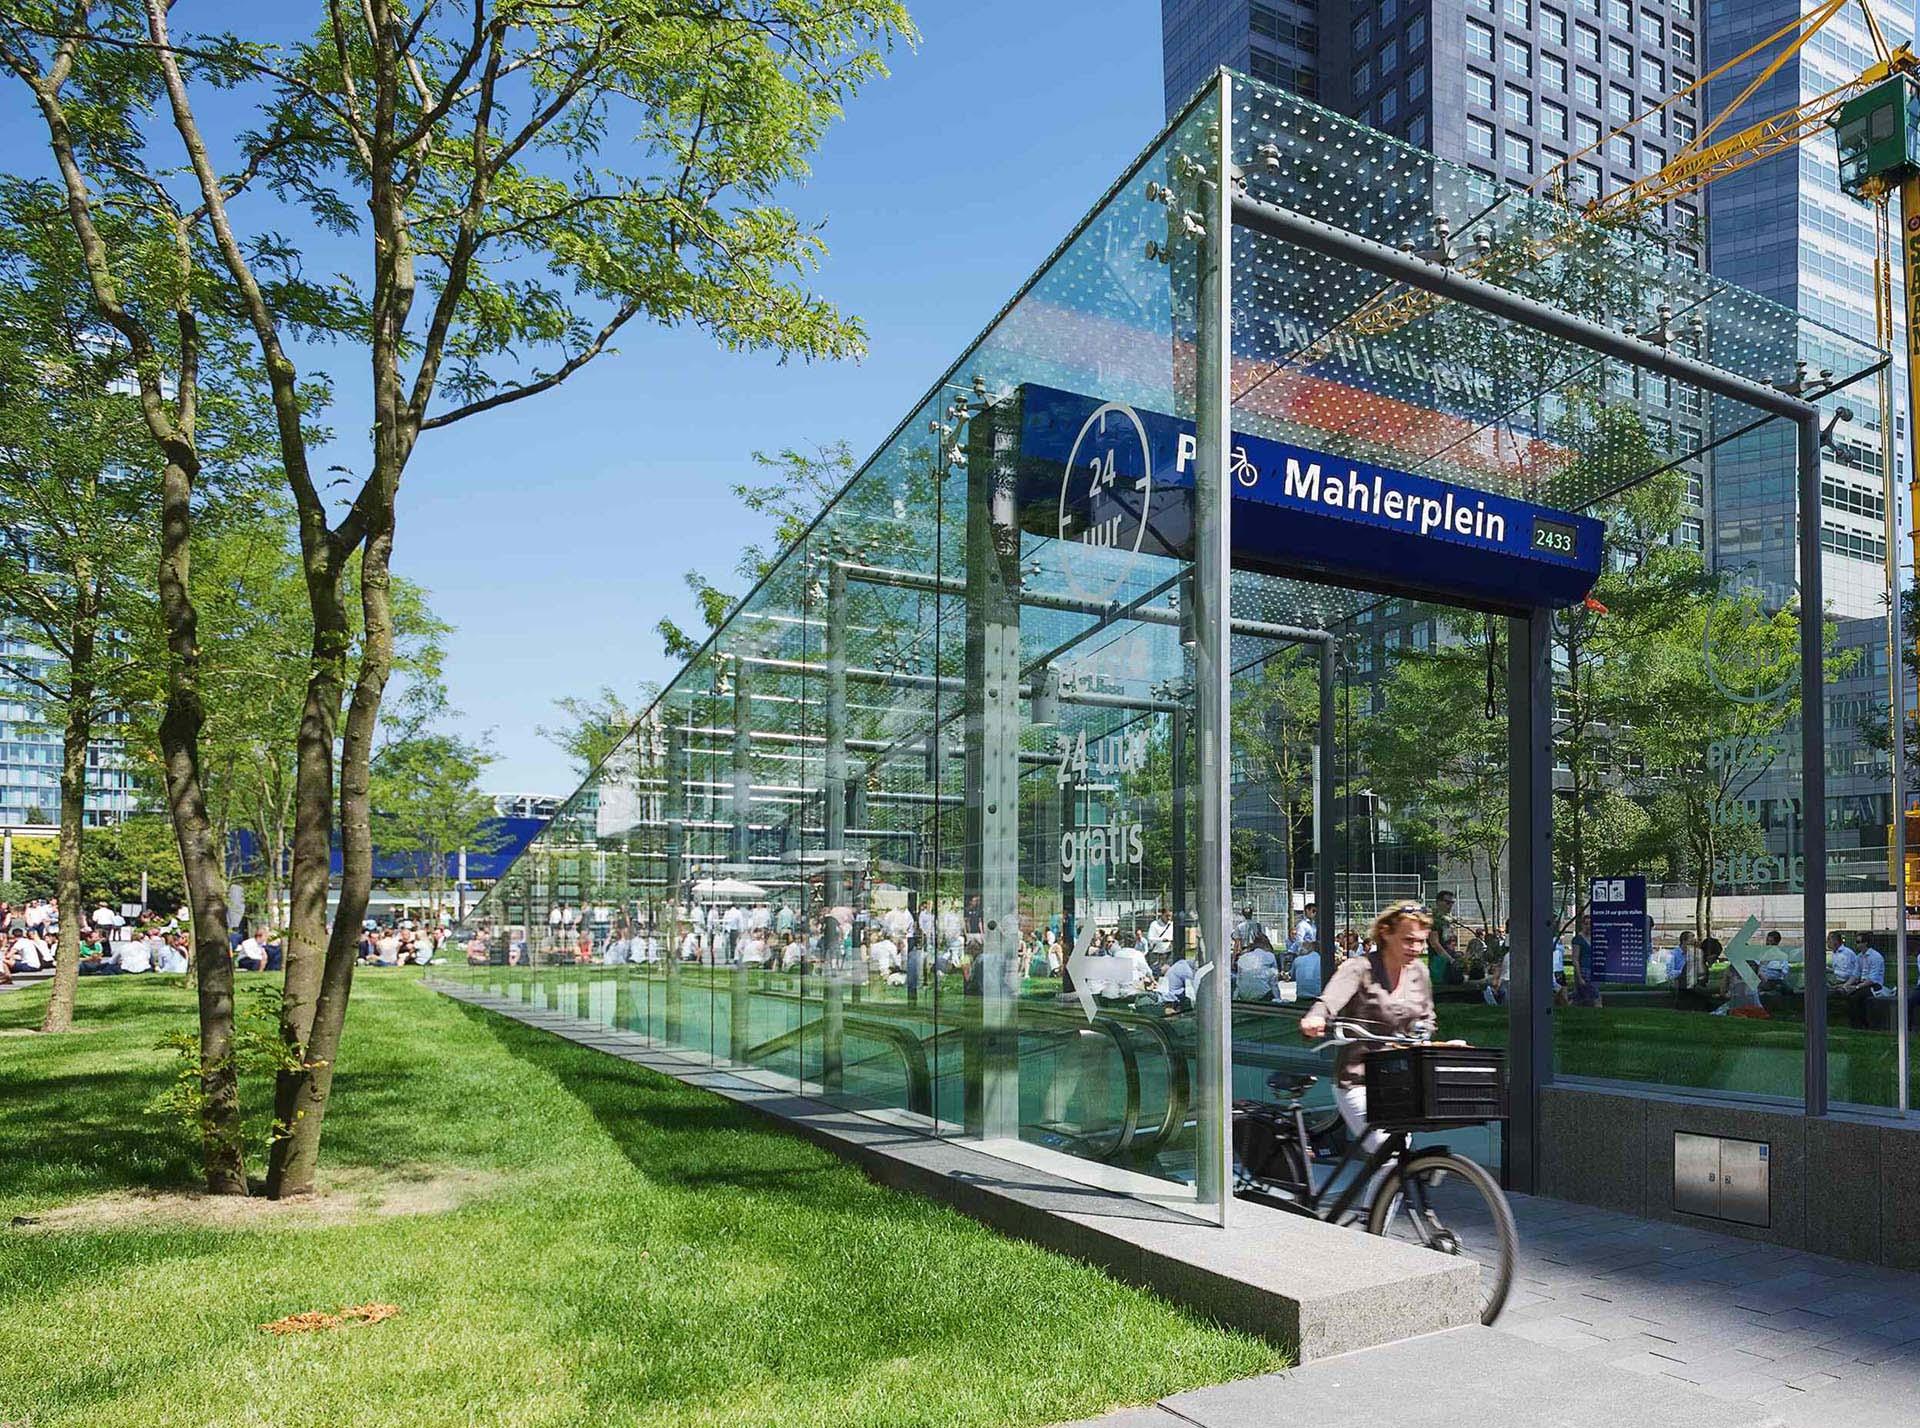 fietsparkeergarage Mahlerplein,  Amsterdam